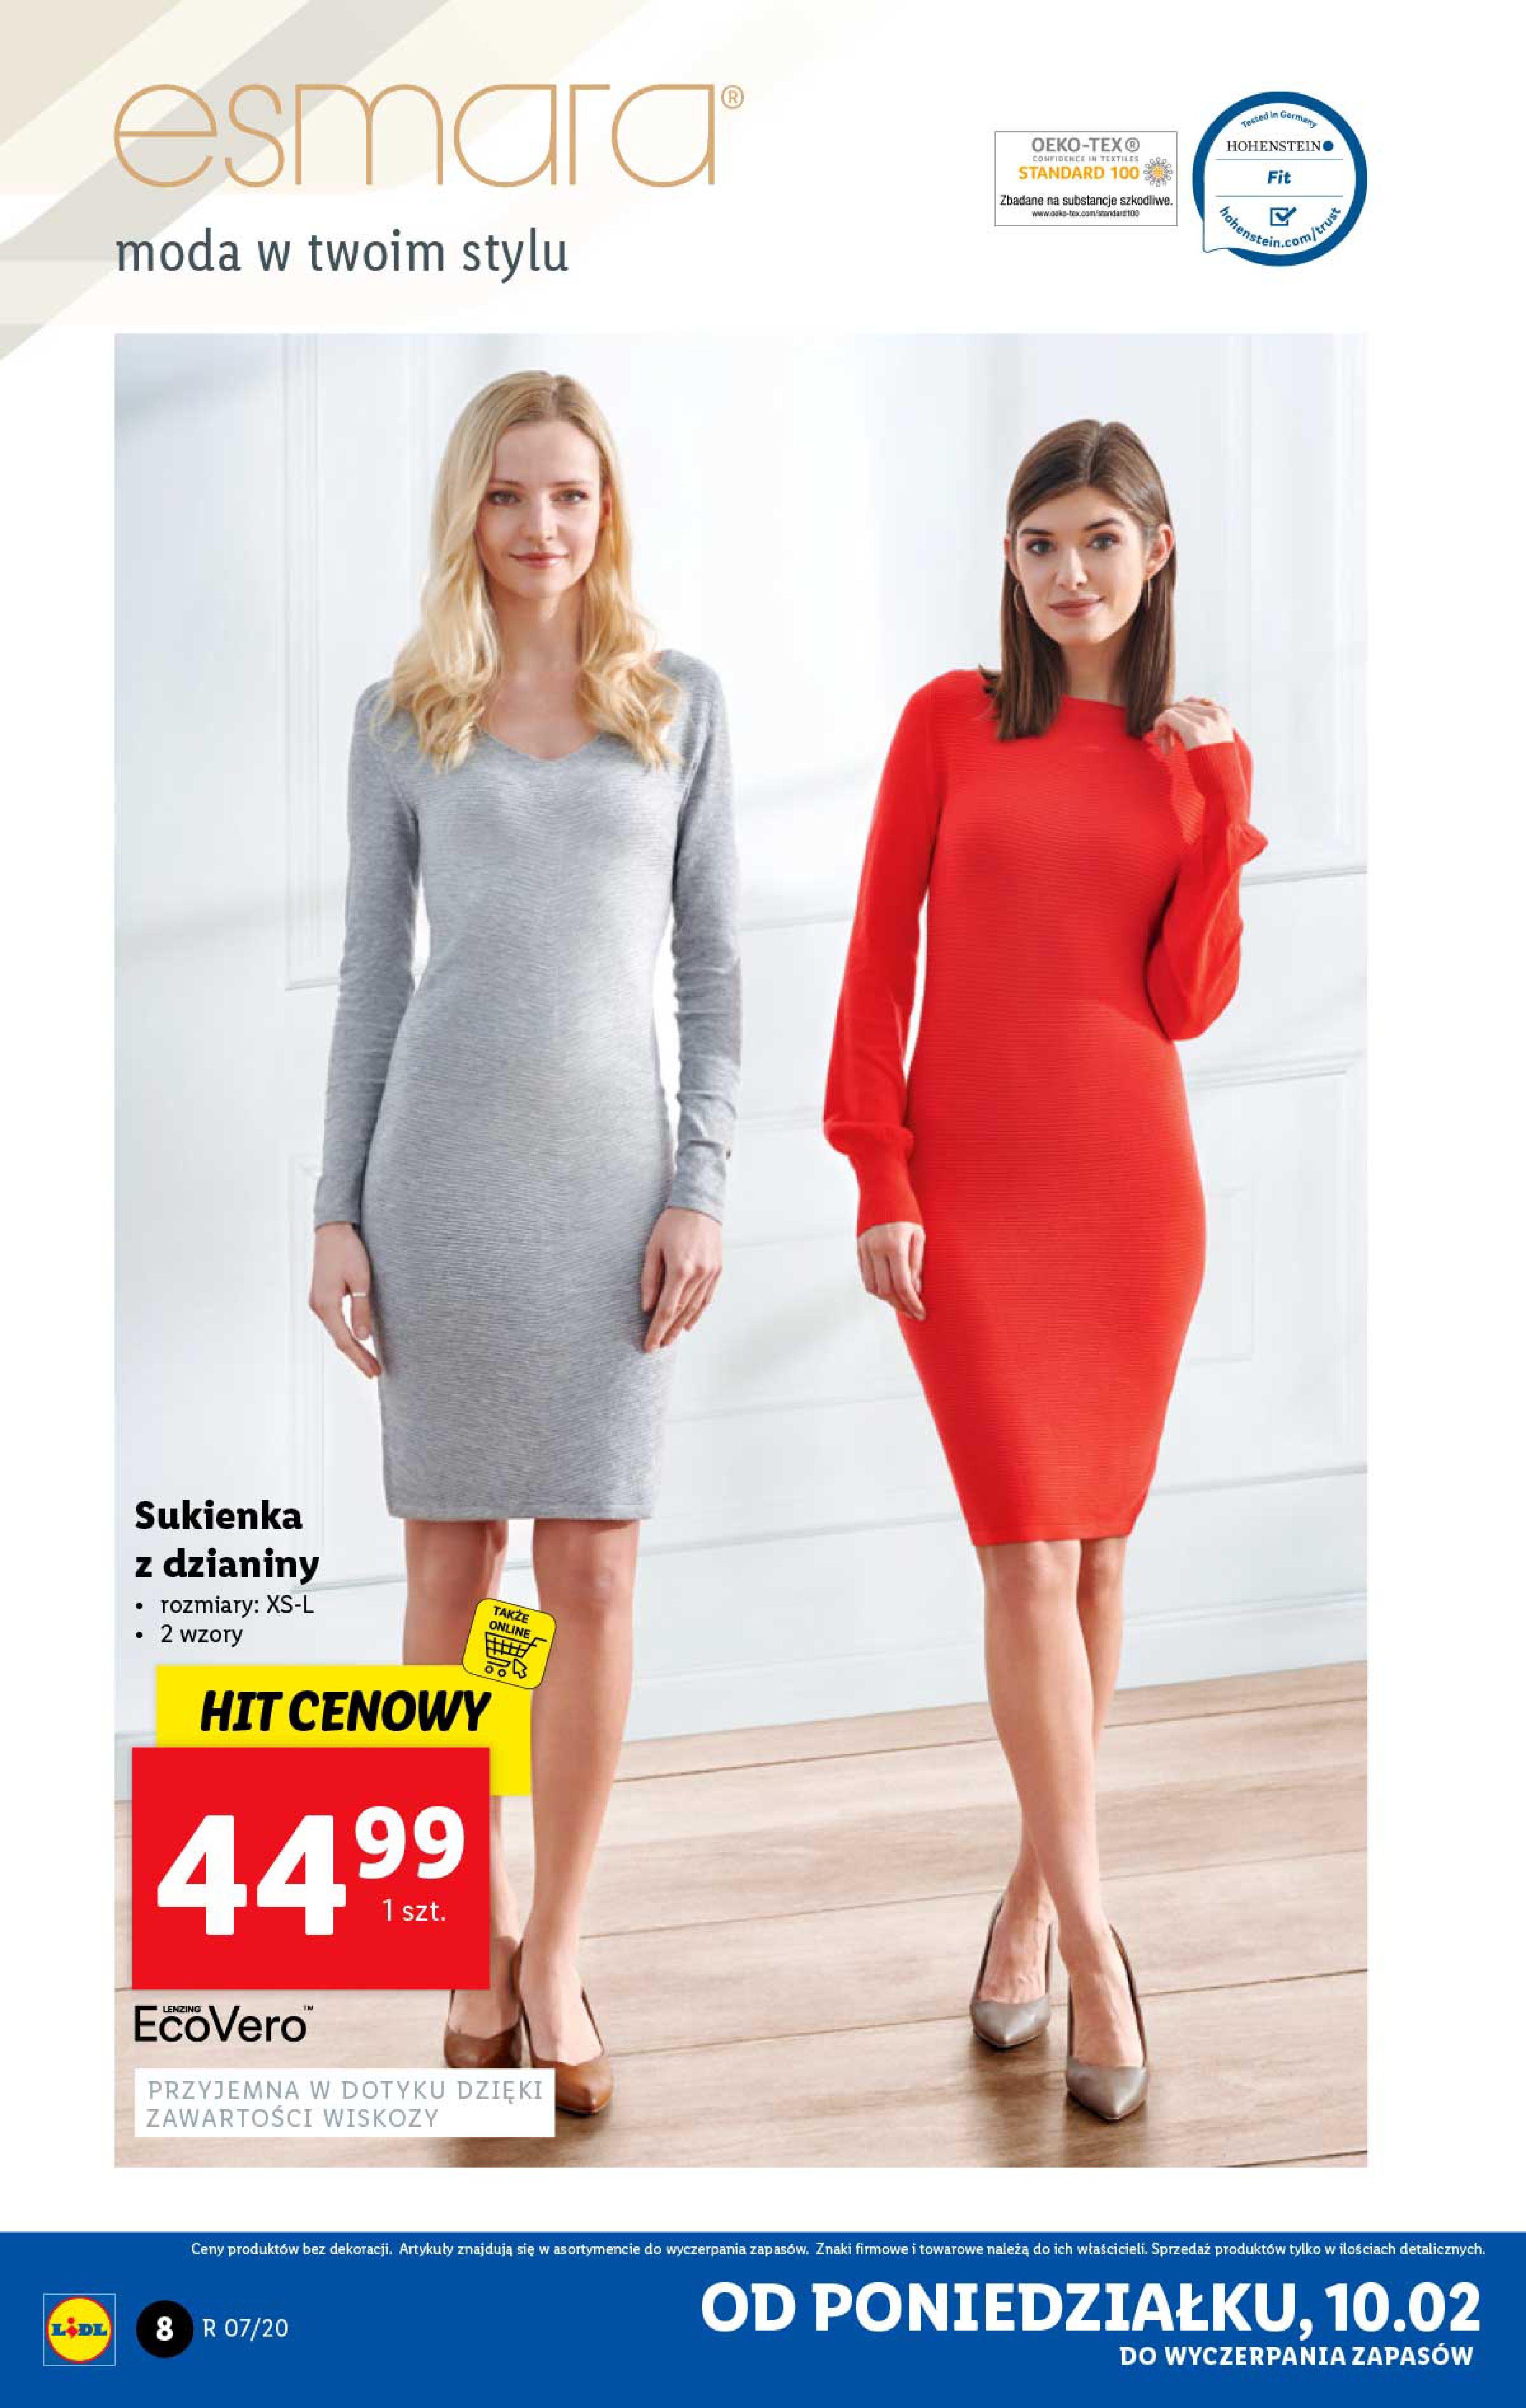 Gazetka Lidl - Katalog od poniedziałku-09.02.2020-15.02.2020-page-8